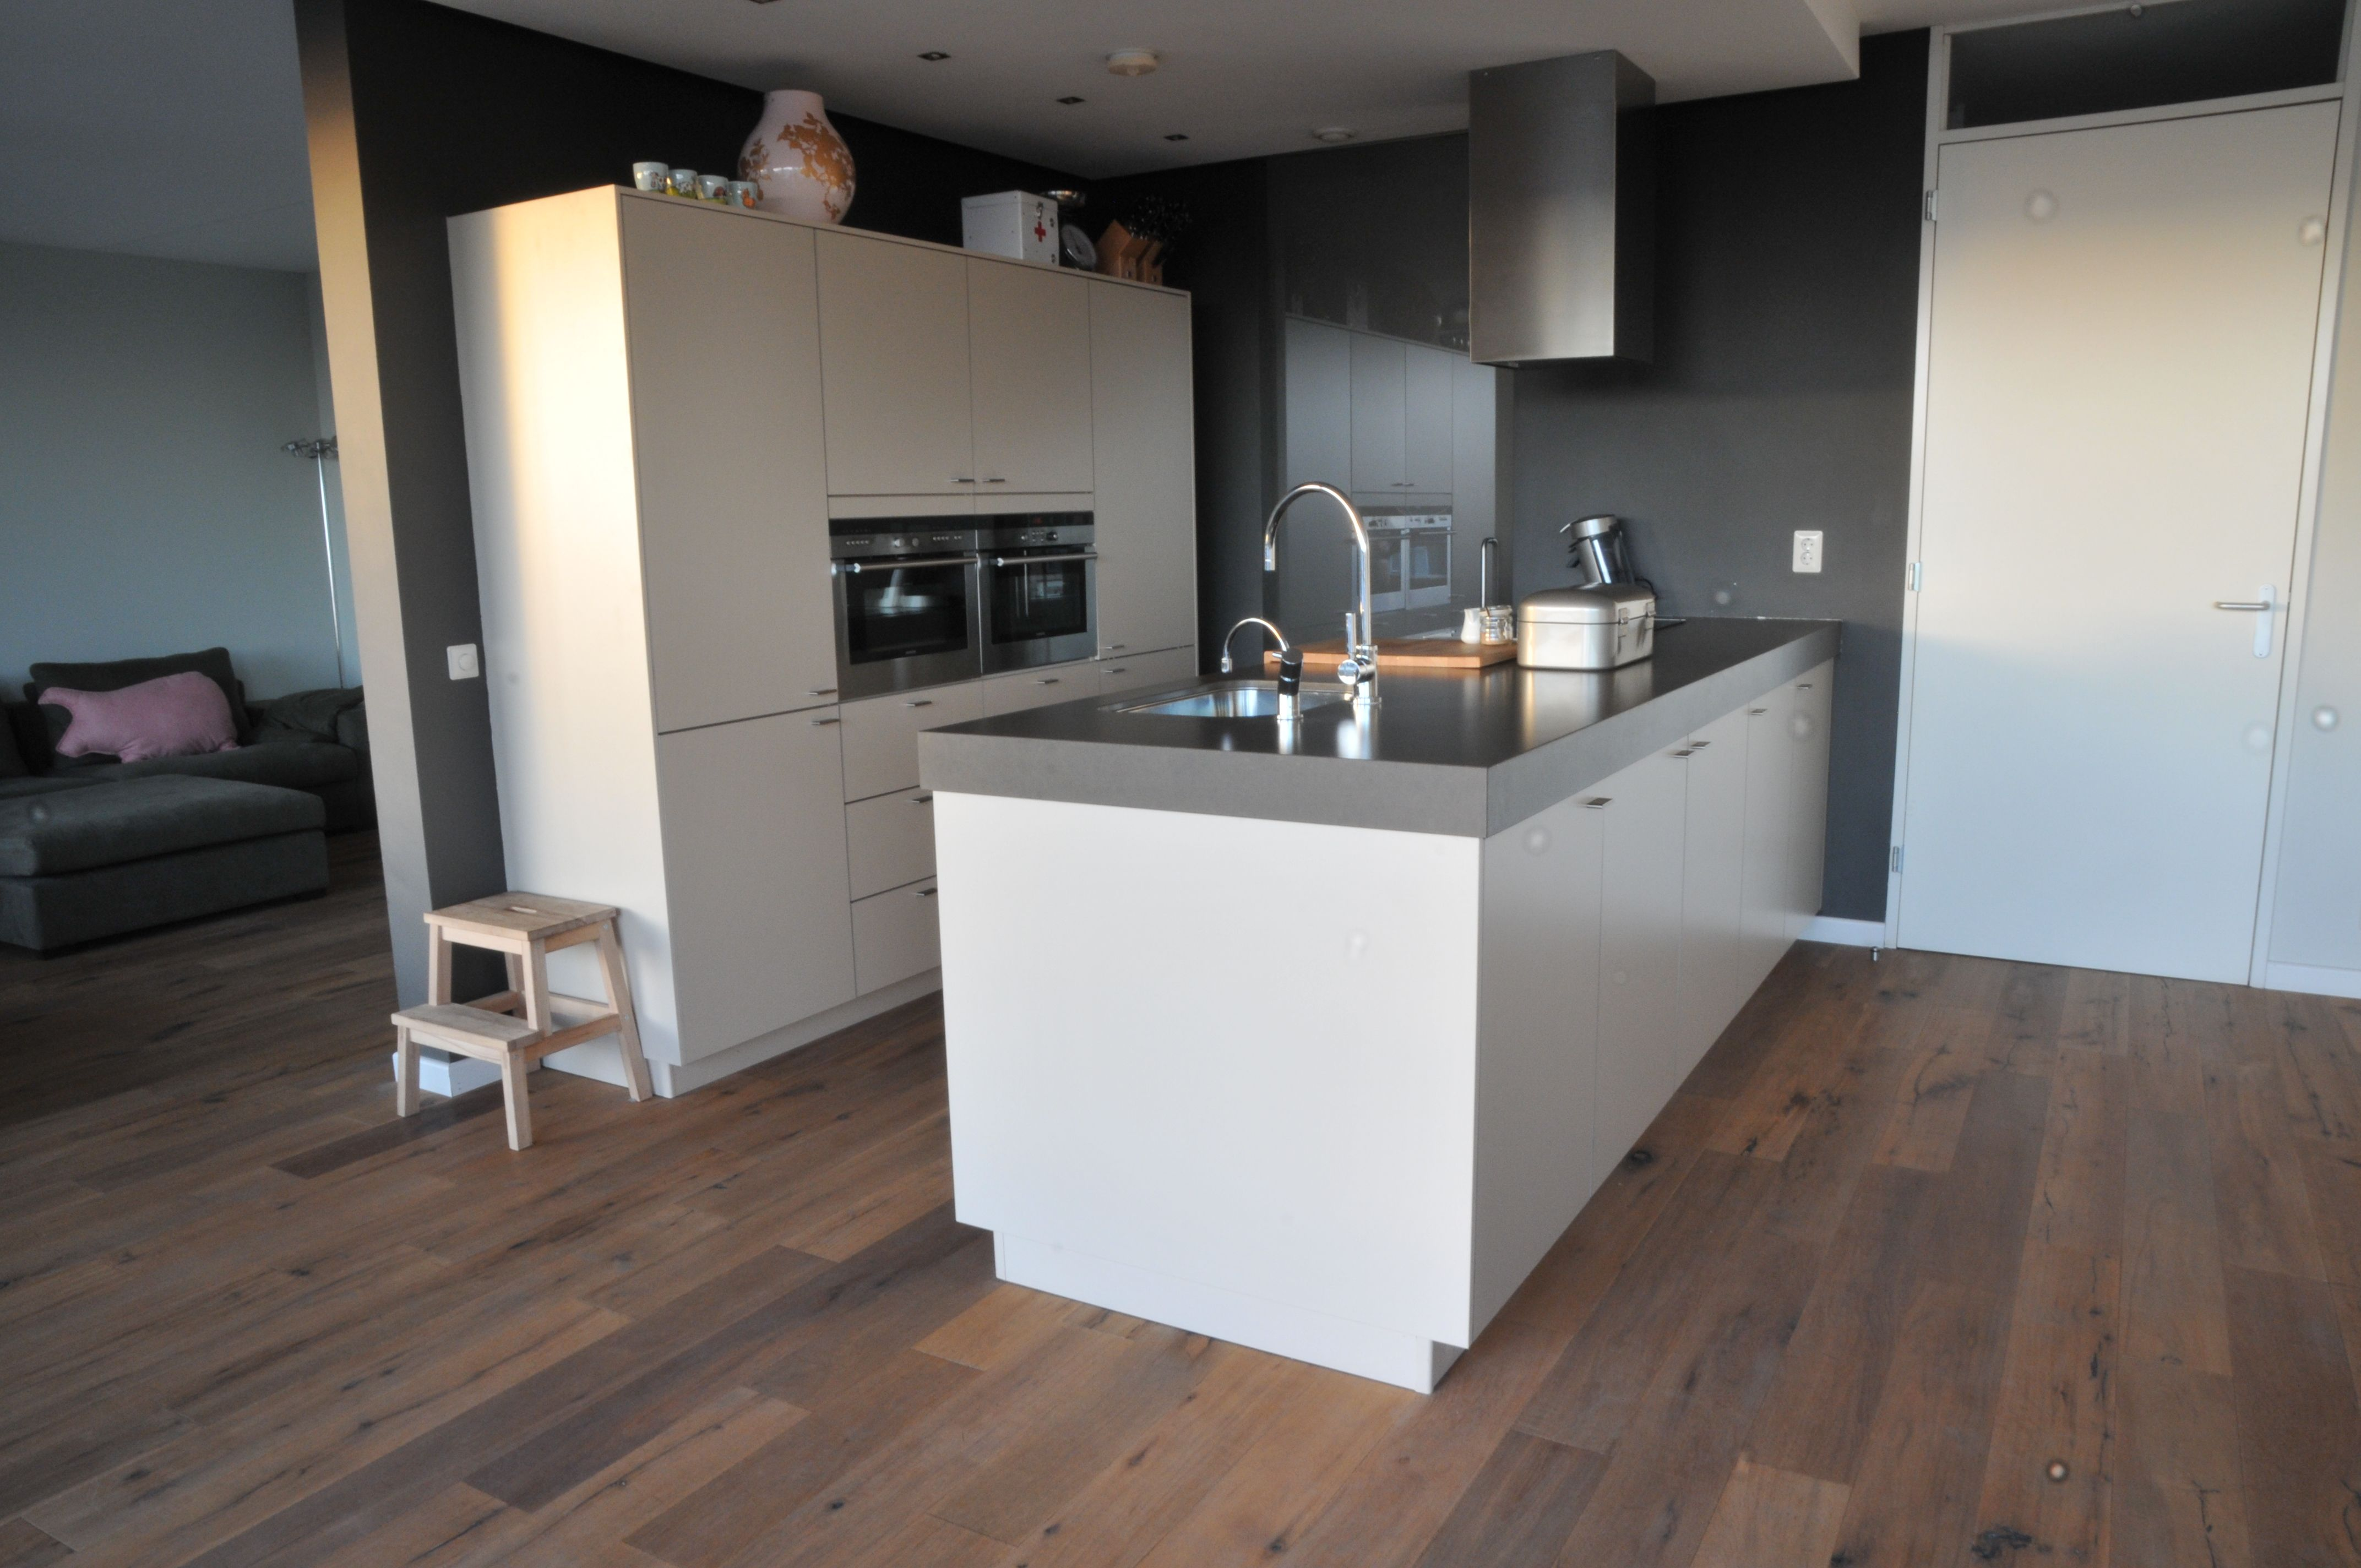 Kookeiland Of Schiereiland : Wordt het een rechte keuken l keuken of kookeiland binnen kleine